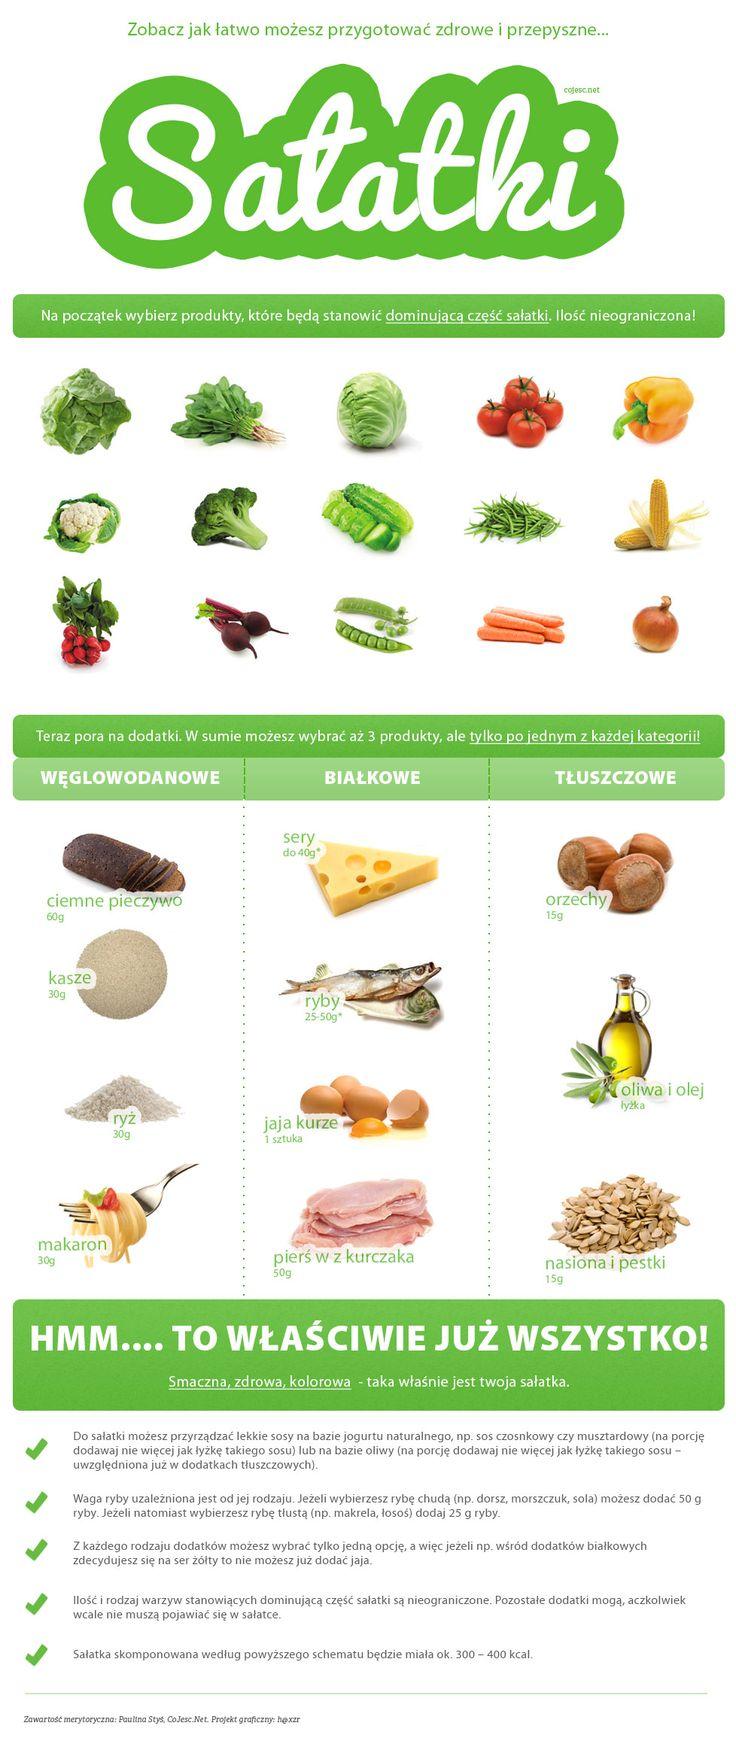 Jak komponować zdrowe sałatki?